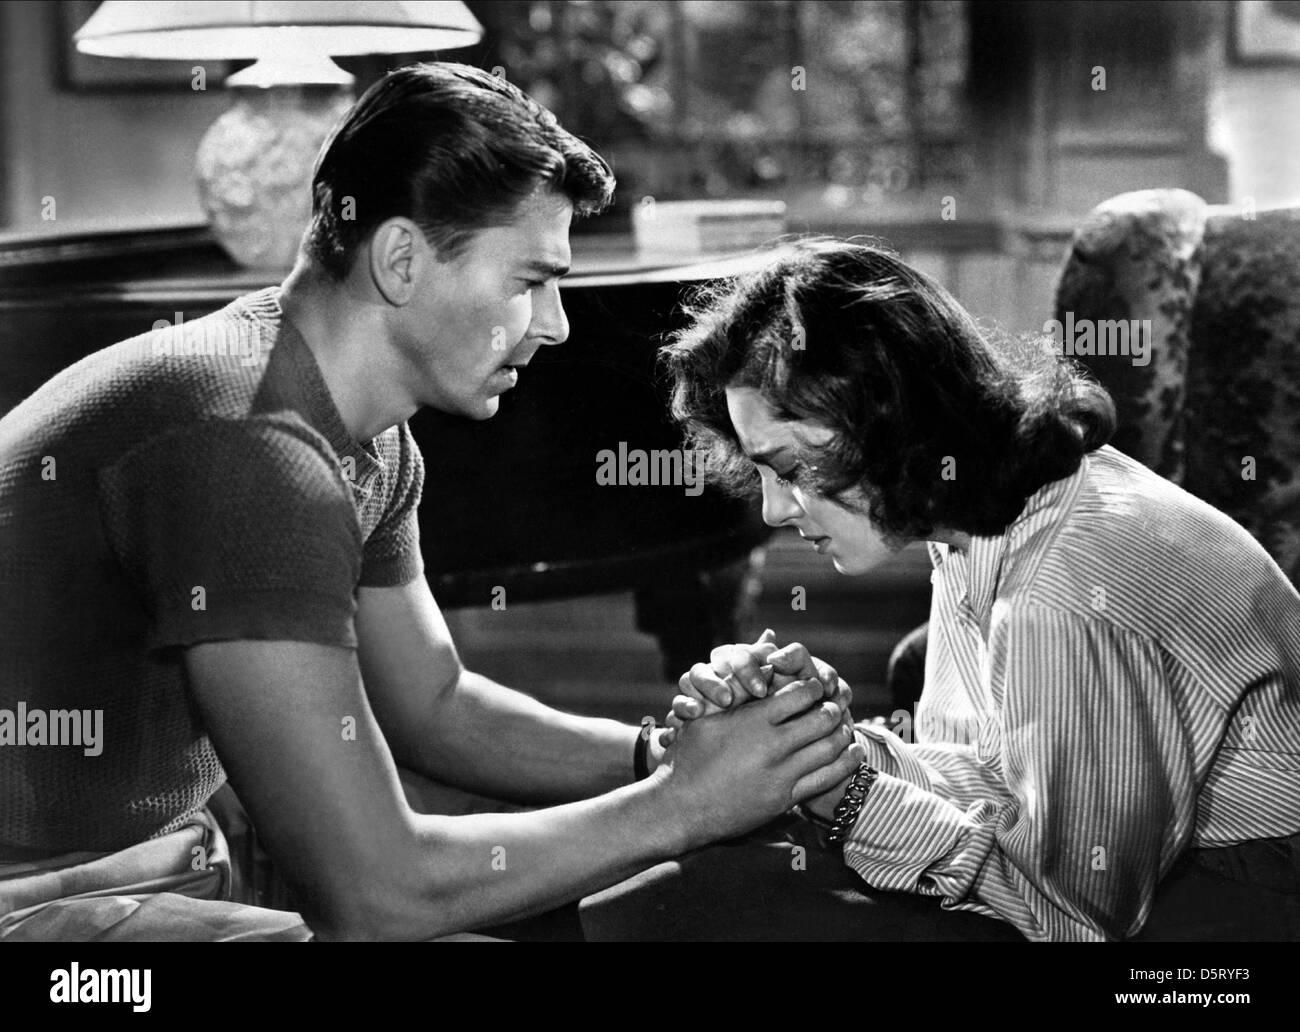 RONALD REAGAN, Viveca Lindfors, noche á la noche, 1949 Imagen De Stock